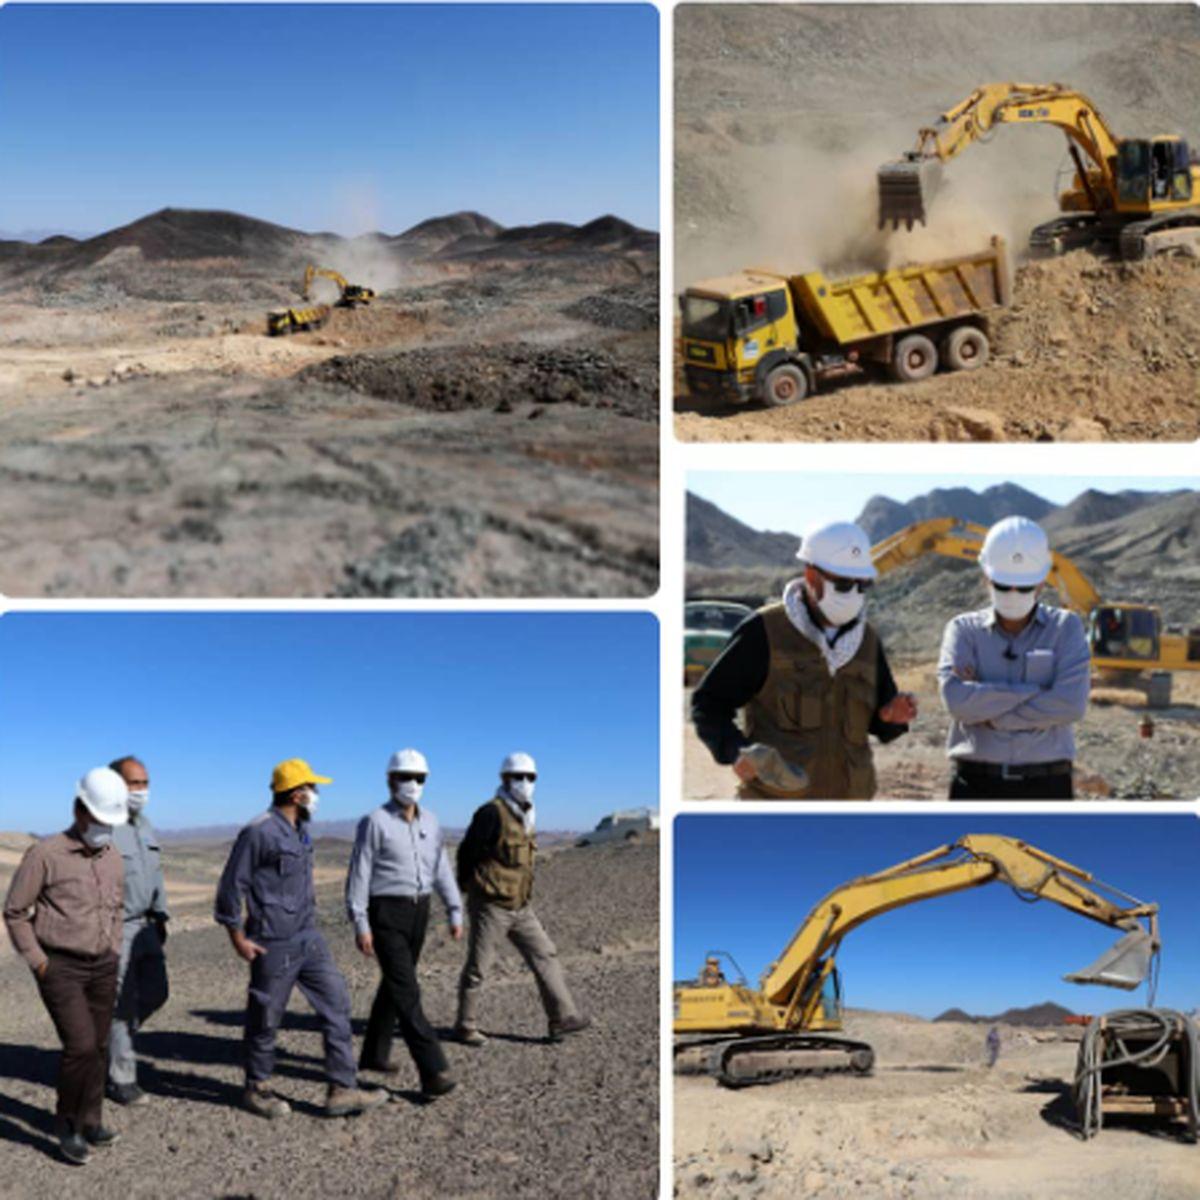 جهش تولید در خراسان جنوبی؛ بهره برداری از معدن سنگ آهن حنار